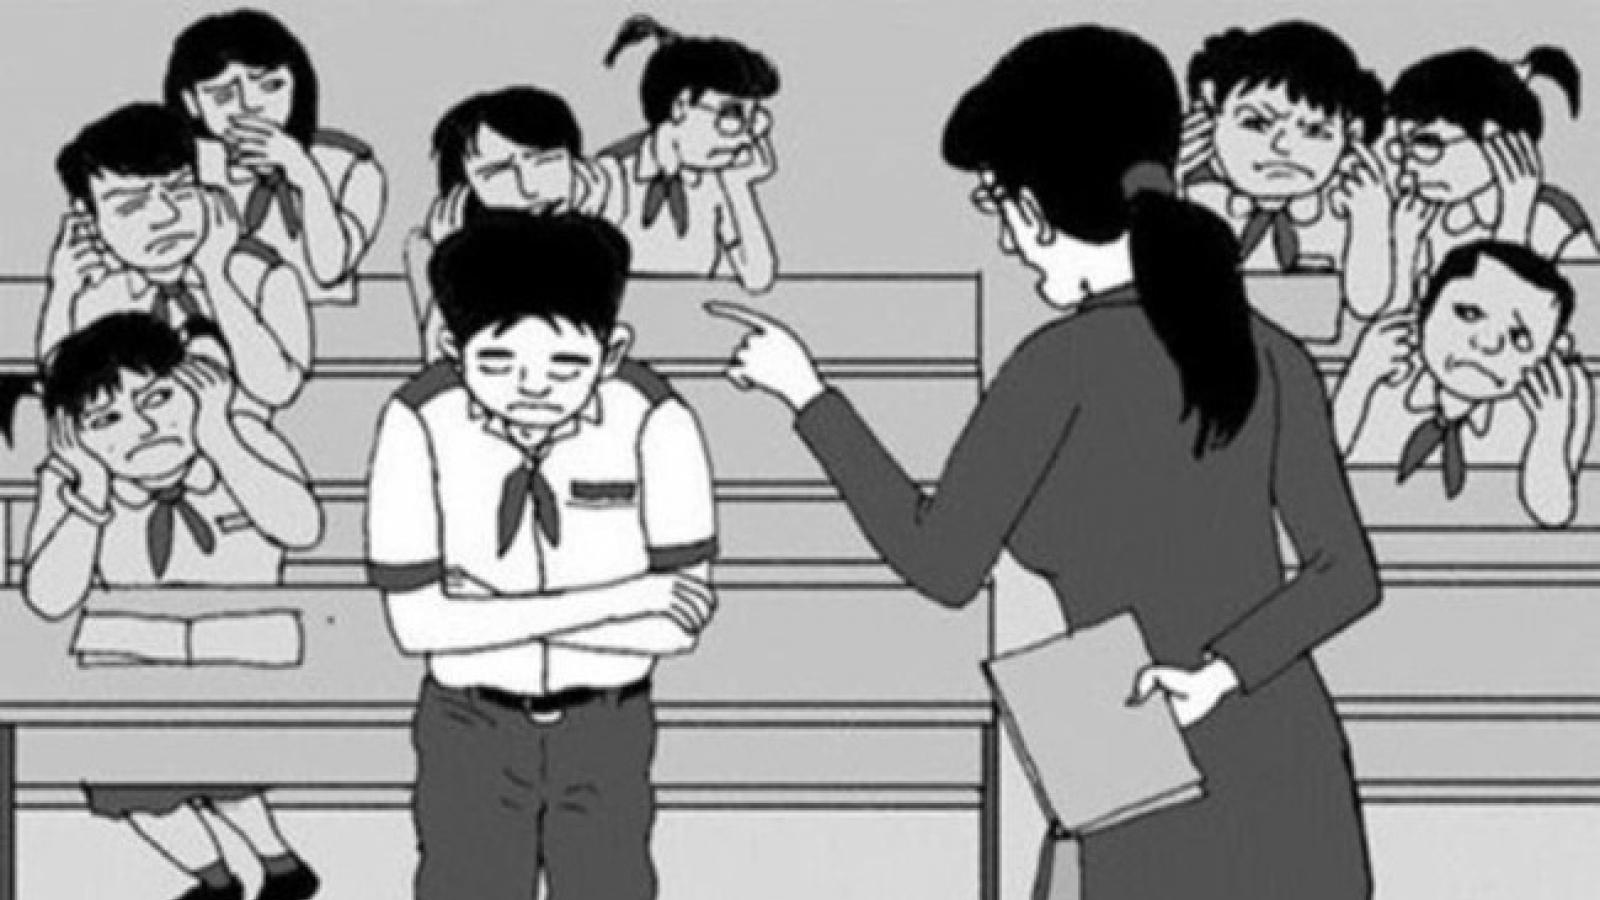 Xúc phạm danh dự học sinh, giáo viên phải xin lỗi và bị phạt tiền